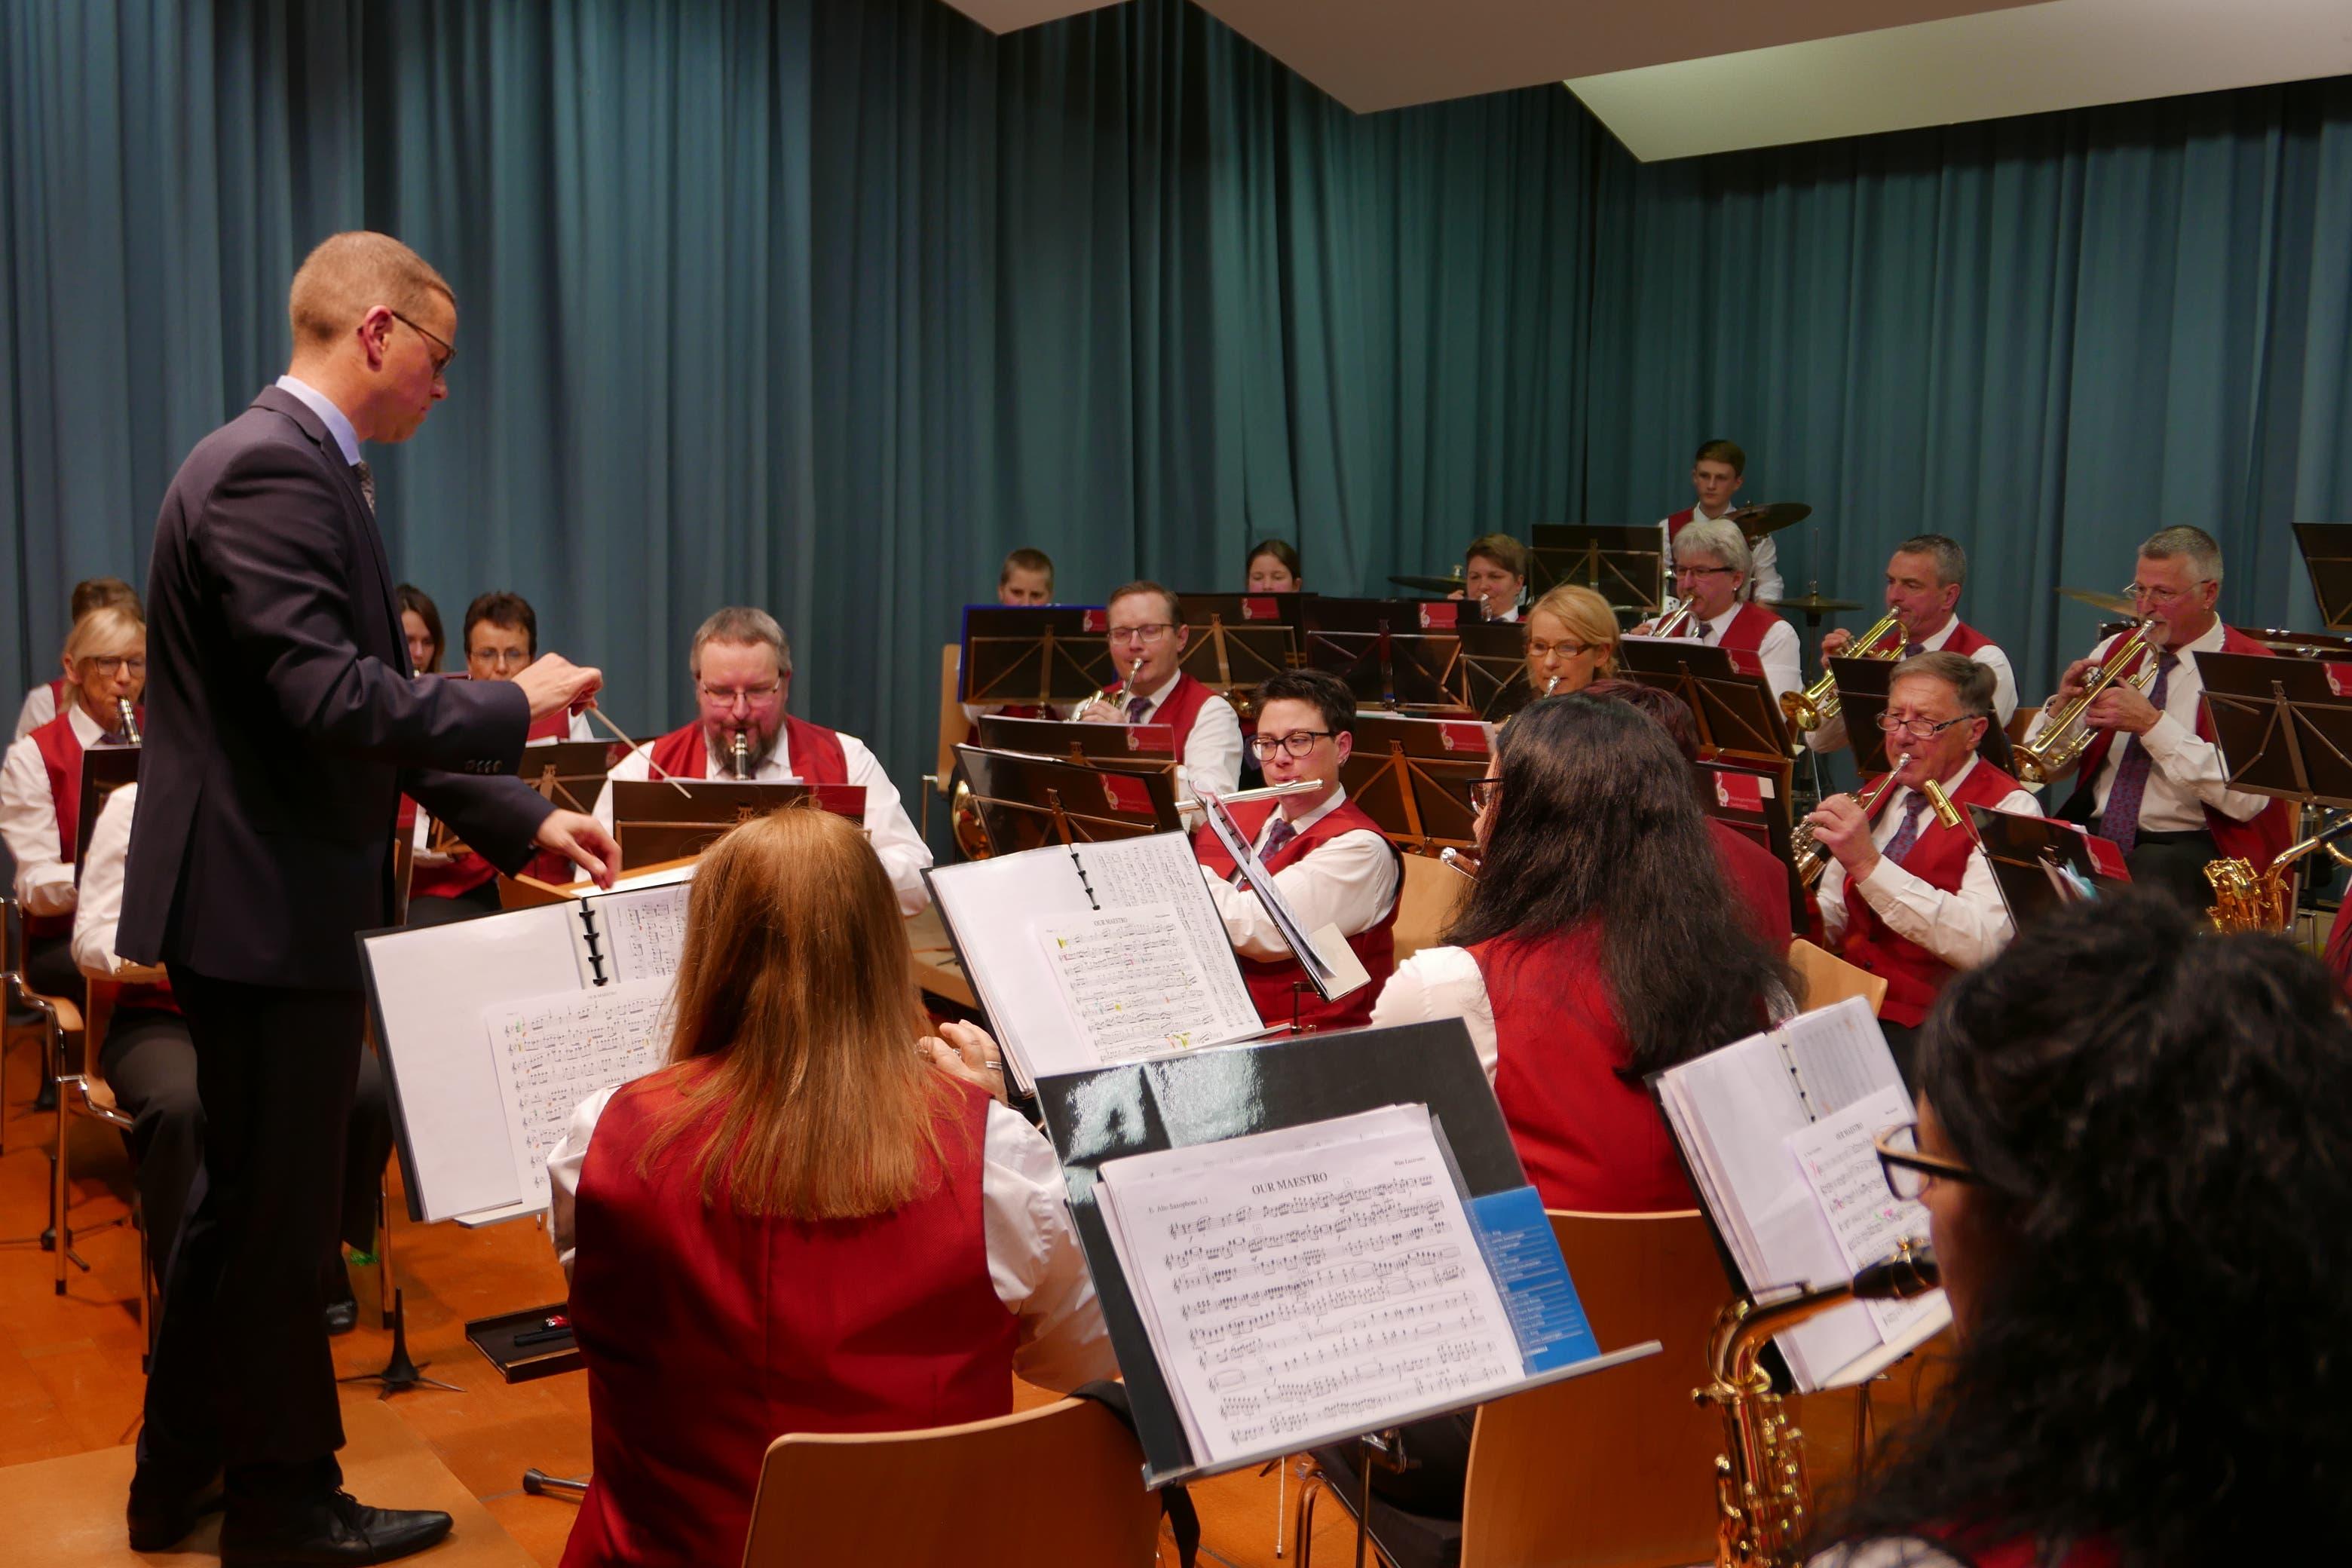 Das Korps der Musikgesellschaft Seelisberg in Aktion.